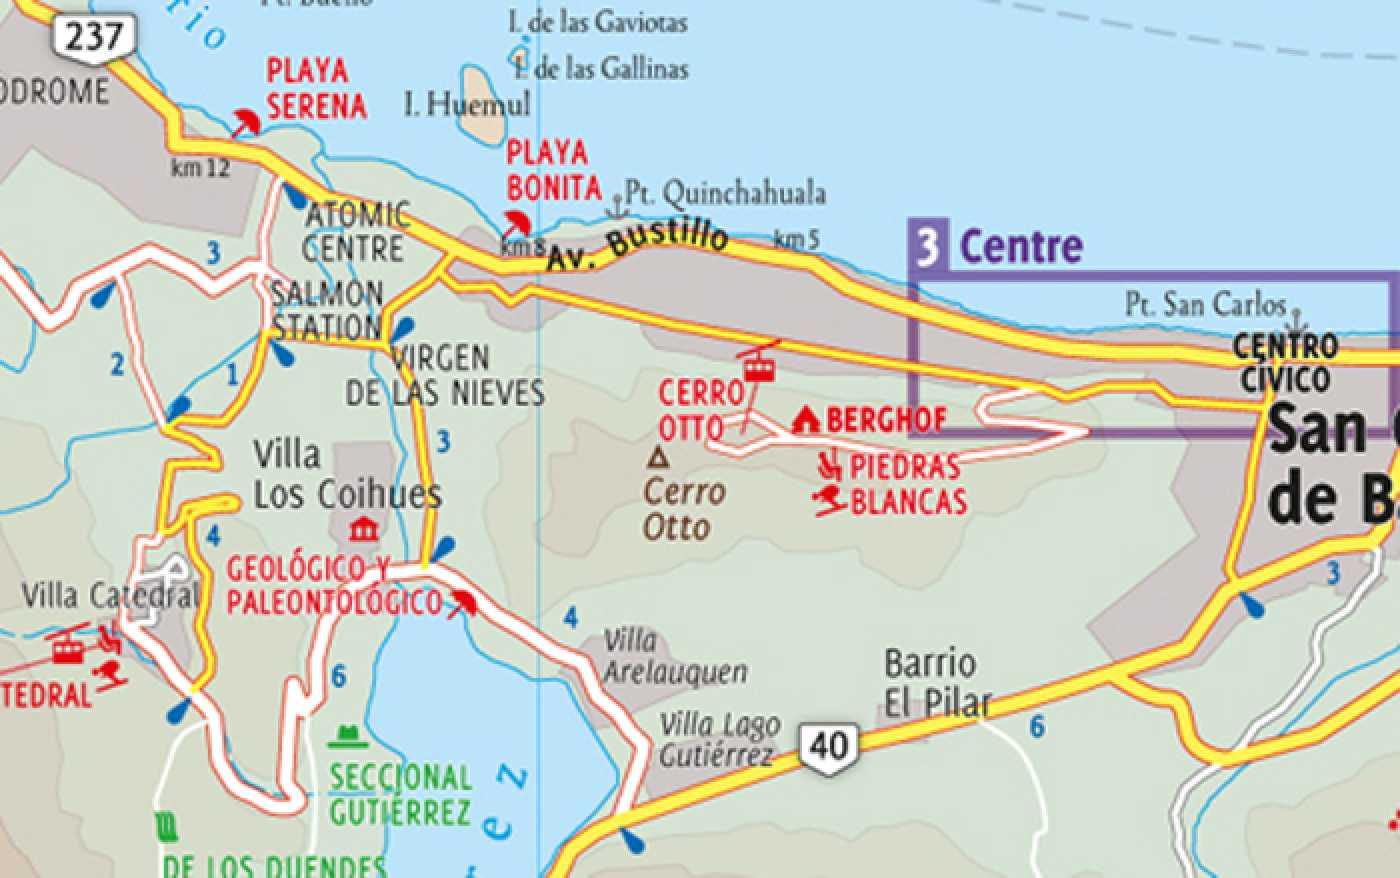 Circuito Grande Bariloche : Circuito grande u viajes dannemann u sucursal llao llao u bariloche